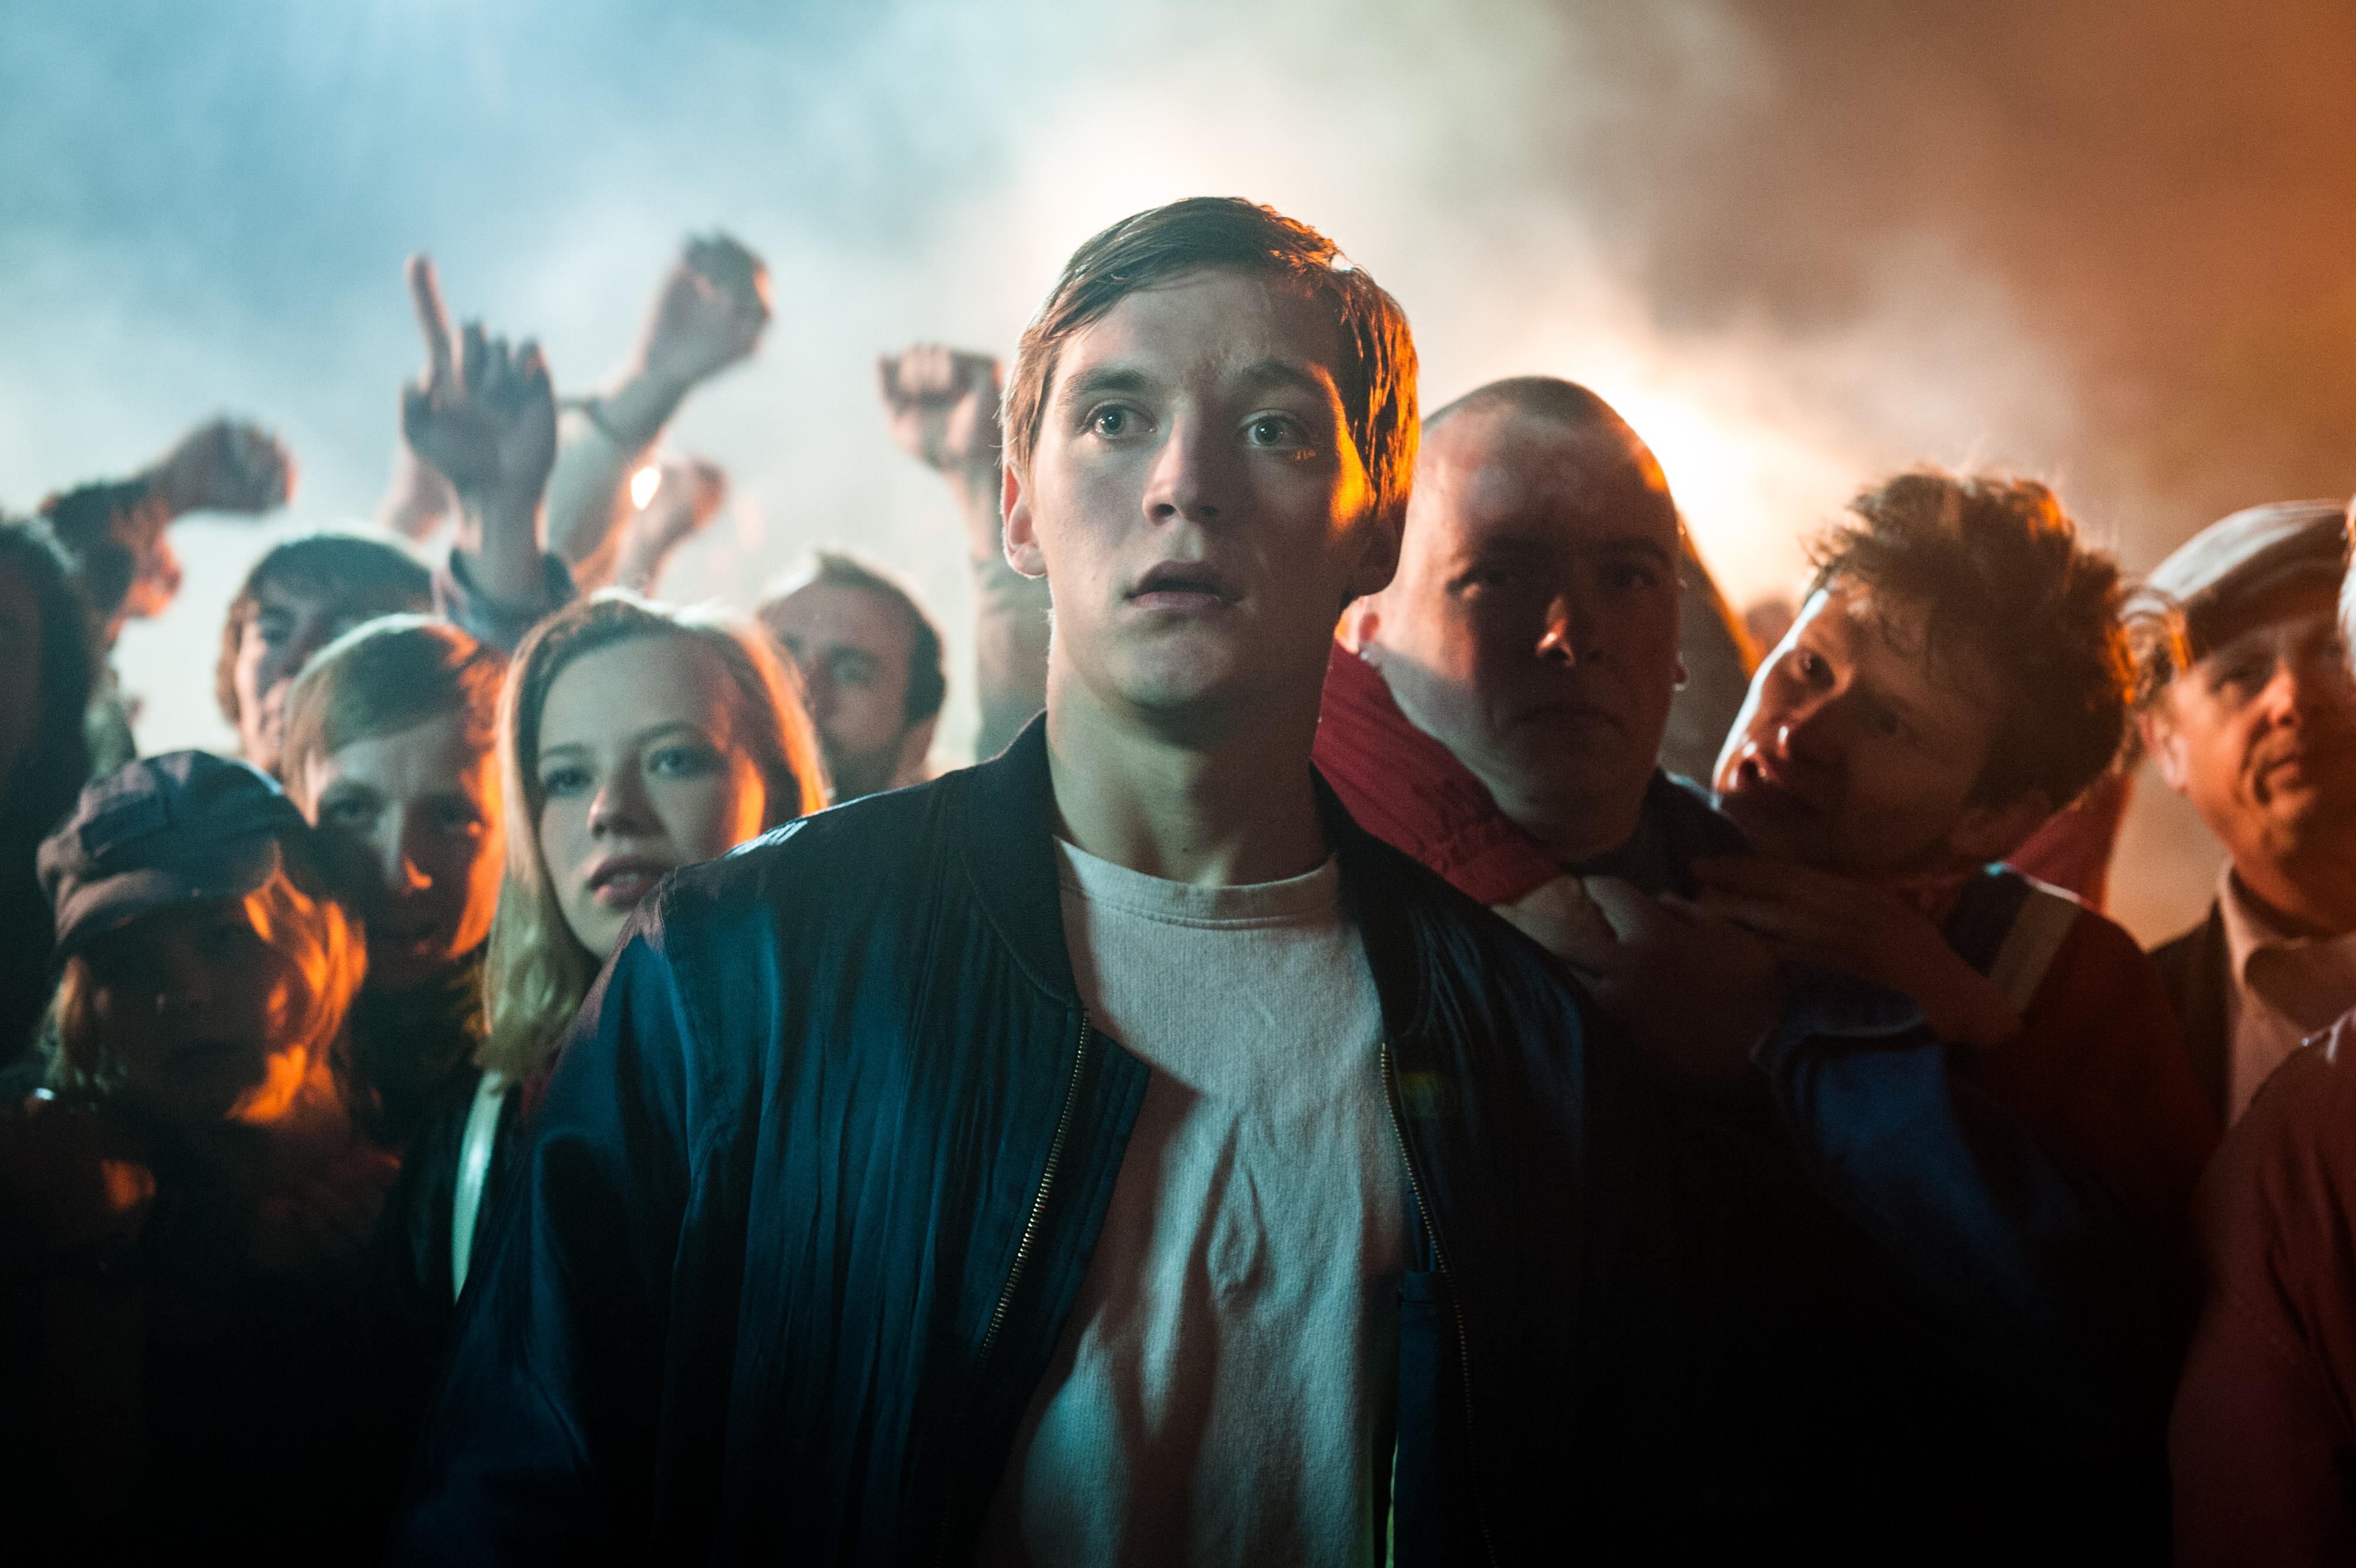 """15° Festival de Cine Alemán: """"Somos Jóvenes. Somos Fuertes"""" de  Burhan Qurbani (2014)"""